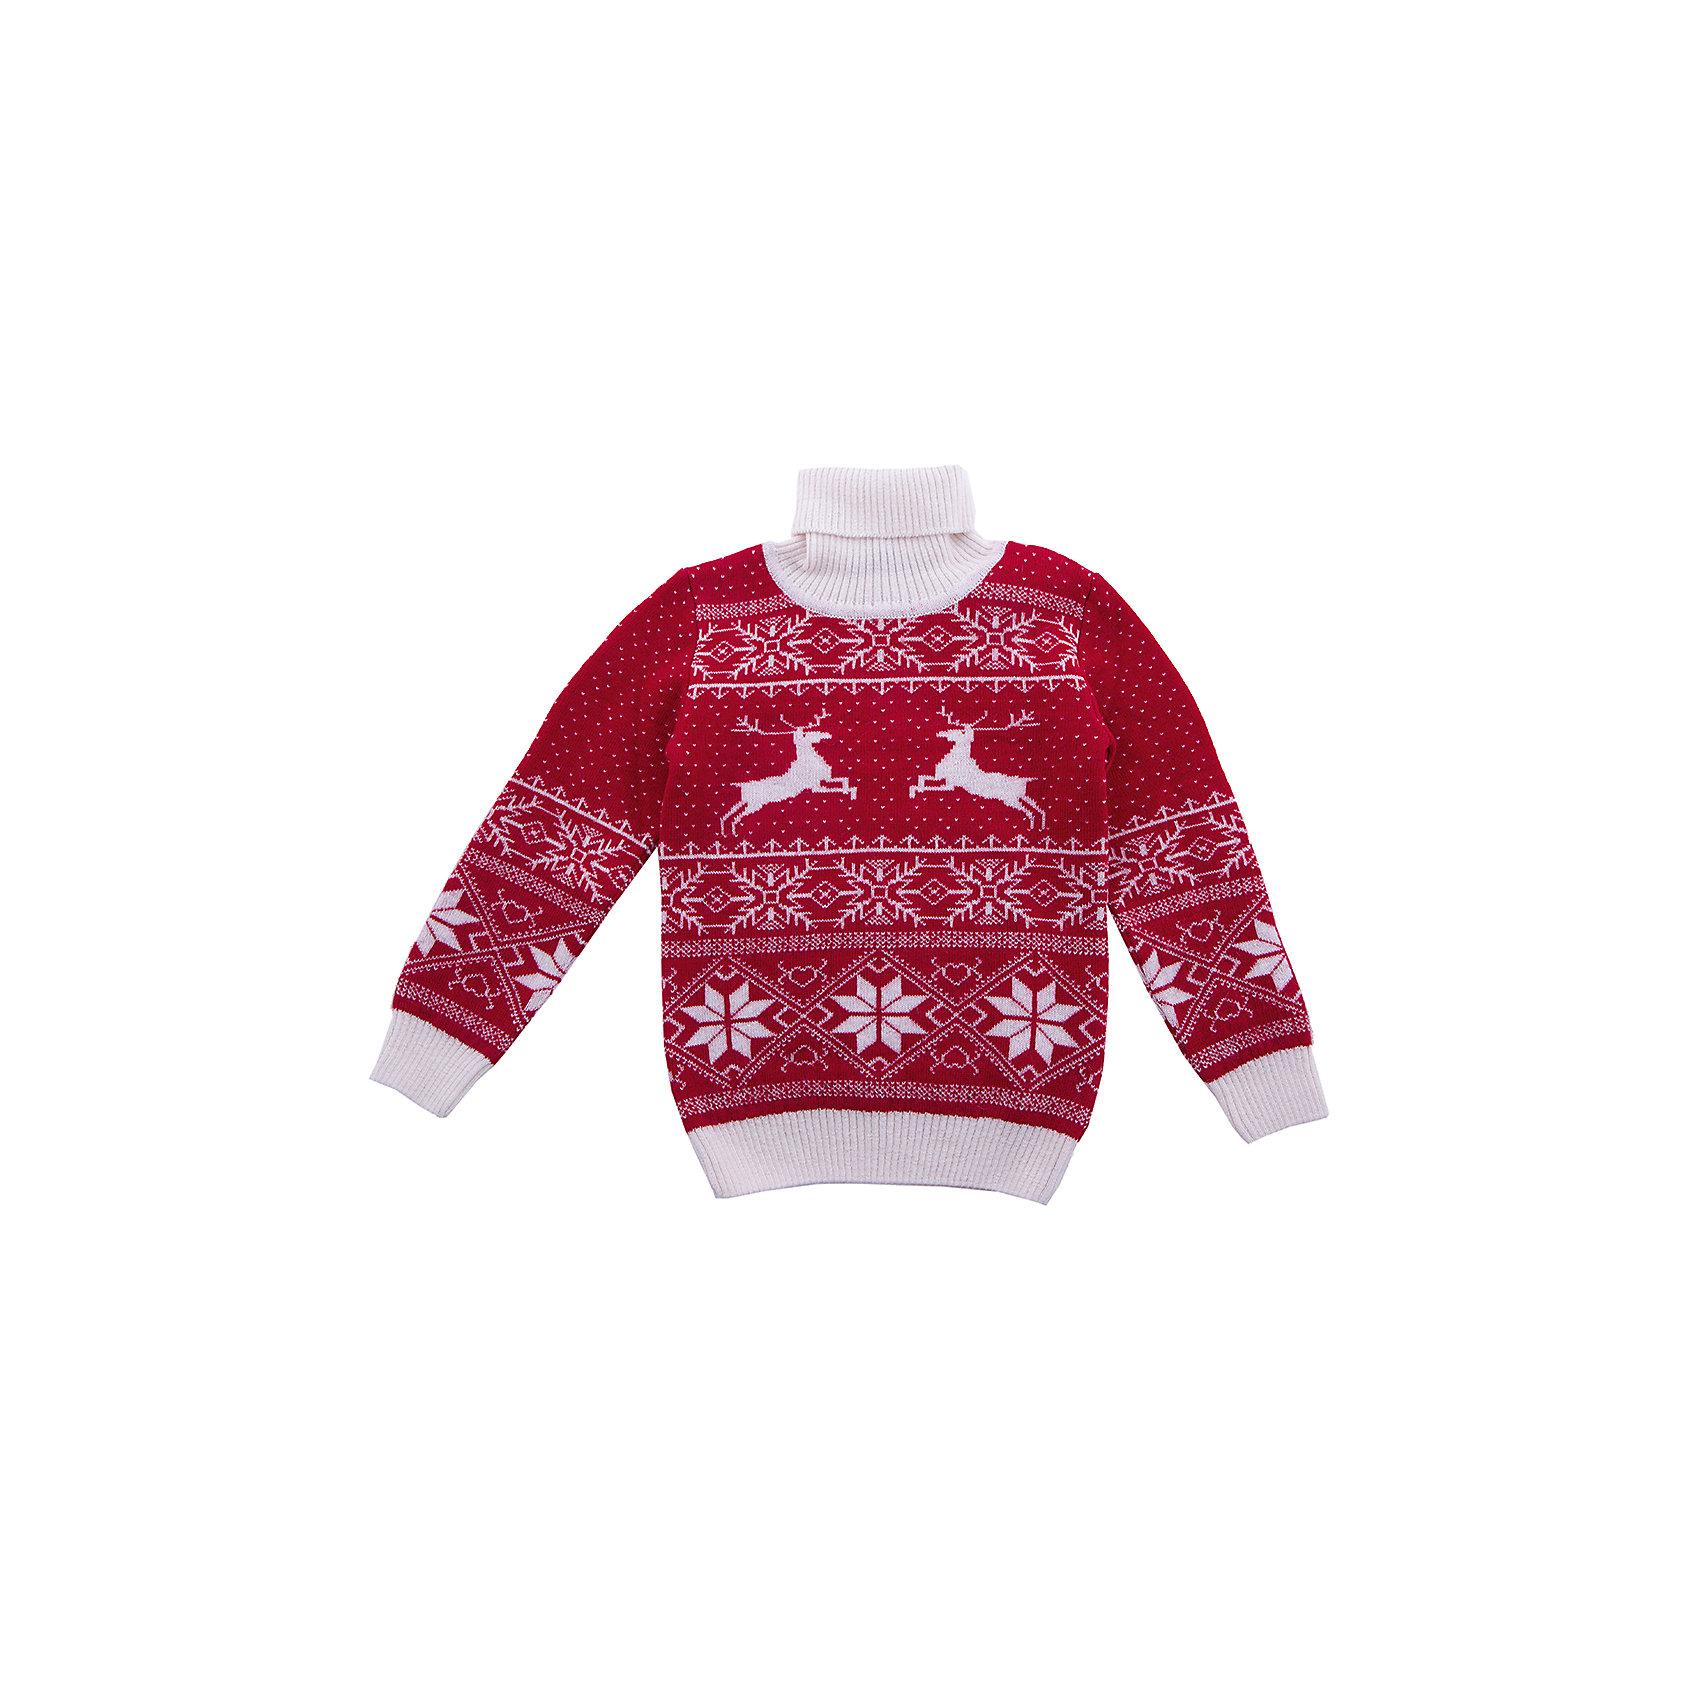 Свитер NorvegФлис и термобелье<br>Свитер от известного бренда Norveg<br><br>Теплый свитер NORVEG Sweater Jaquard Wool  от немецкой компании Norveg (Норвег) - это удобная и красивая одежда, которая обеспечит комфортную терморегуляцию тела и на улице, и в помещении. <br>Она сделана из шерсти мериноса (австралийской тонкорунной овцы), которая обладает гипоаллергенными свойствами, поэтому не вызывает раздражения, даже если надета на голое тело.<br><br>Отличительные особенности модели:<br><br>- цвет: белый, красный;<br>- высокий ворот;<br>- анатомические трикотажные резинки внизу и на рукавах;<br>- орнамент с оленями;<br>- подходит и мальчикам, и девочкам;<br>- застежка-молния;<br>- карманы.<br><br>Дополнительная информация:<br><br>- Температурный режим: от - 20° С  до +5° С.<br><br>- Состав: 100% шерсть мериноса<br>Толстовку Norveg (Норвег) можно купить в нашем магазине.<br><br>Ширина мм: 190<br>Глубина мм: 74<br>Высота мм: 229<br>Вес г: 236<br>Цвет: красный<br>Возраст от месяцев: 36<br>Возраст до месяцев: 48<br>Пол: Унисекс<br>Возраст: Детский<br>Размер: 80/86,116,104,128,92,140,152/158<br>SKU: 4224485